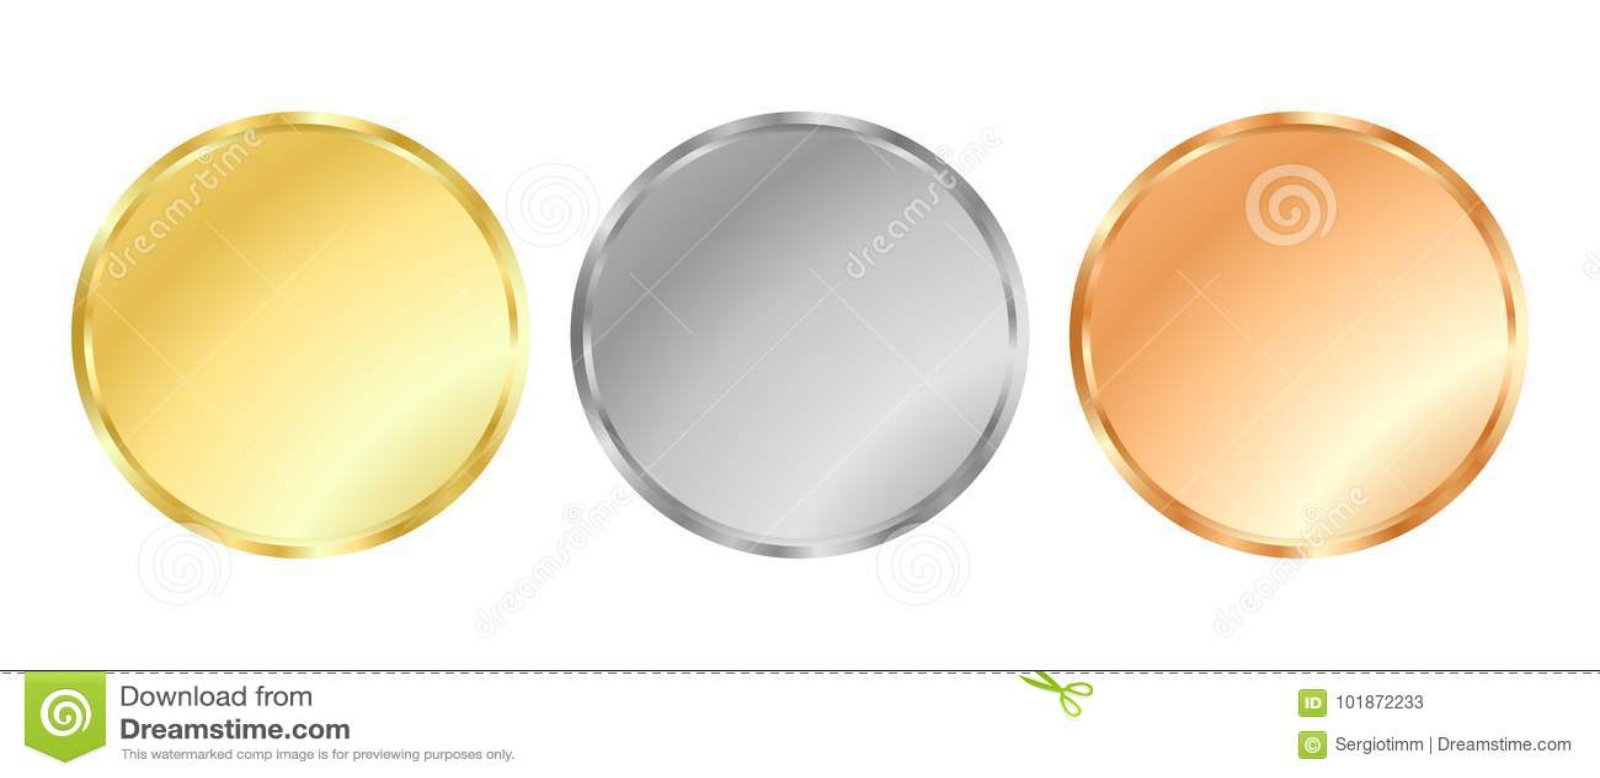 Złota, srebra i brązowego medalu szablony,